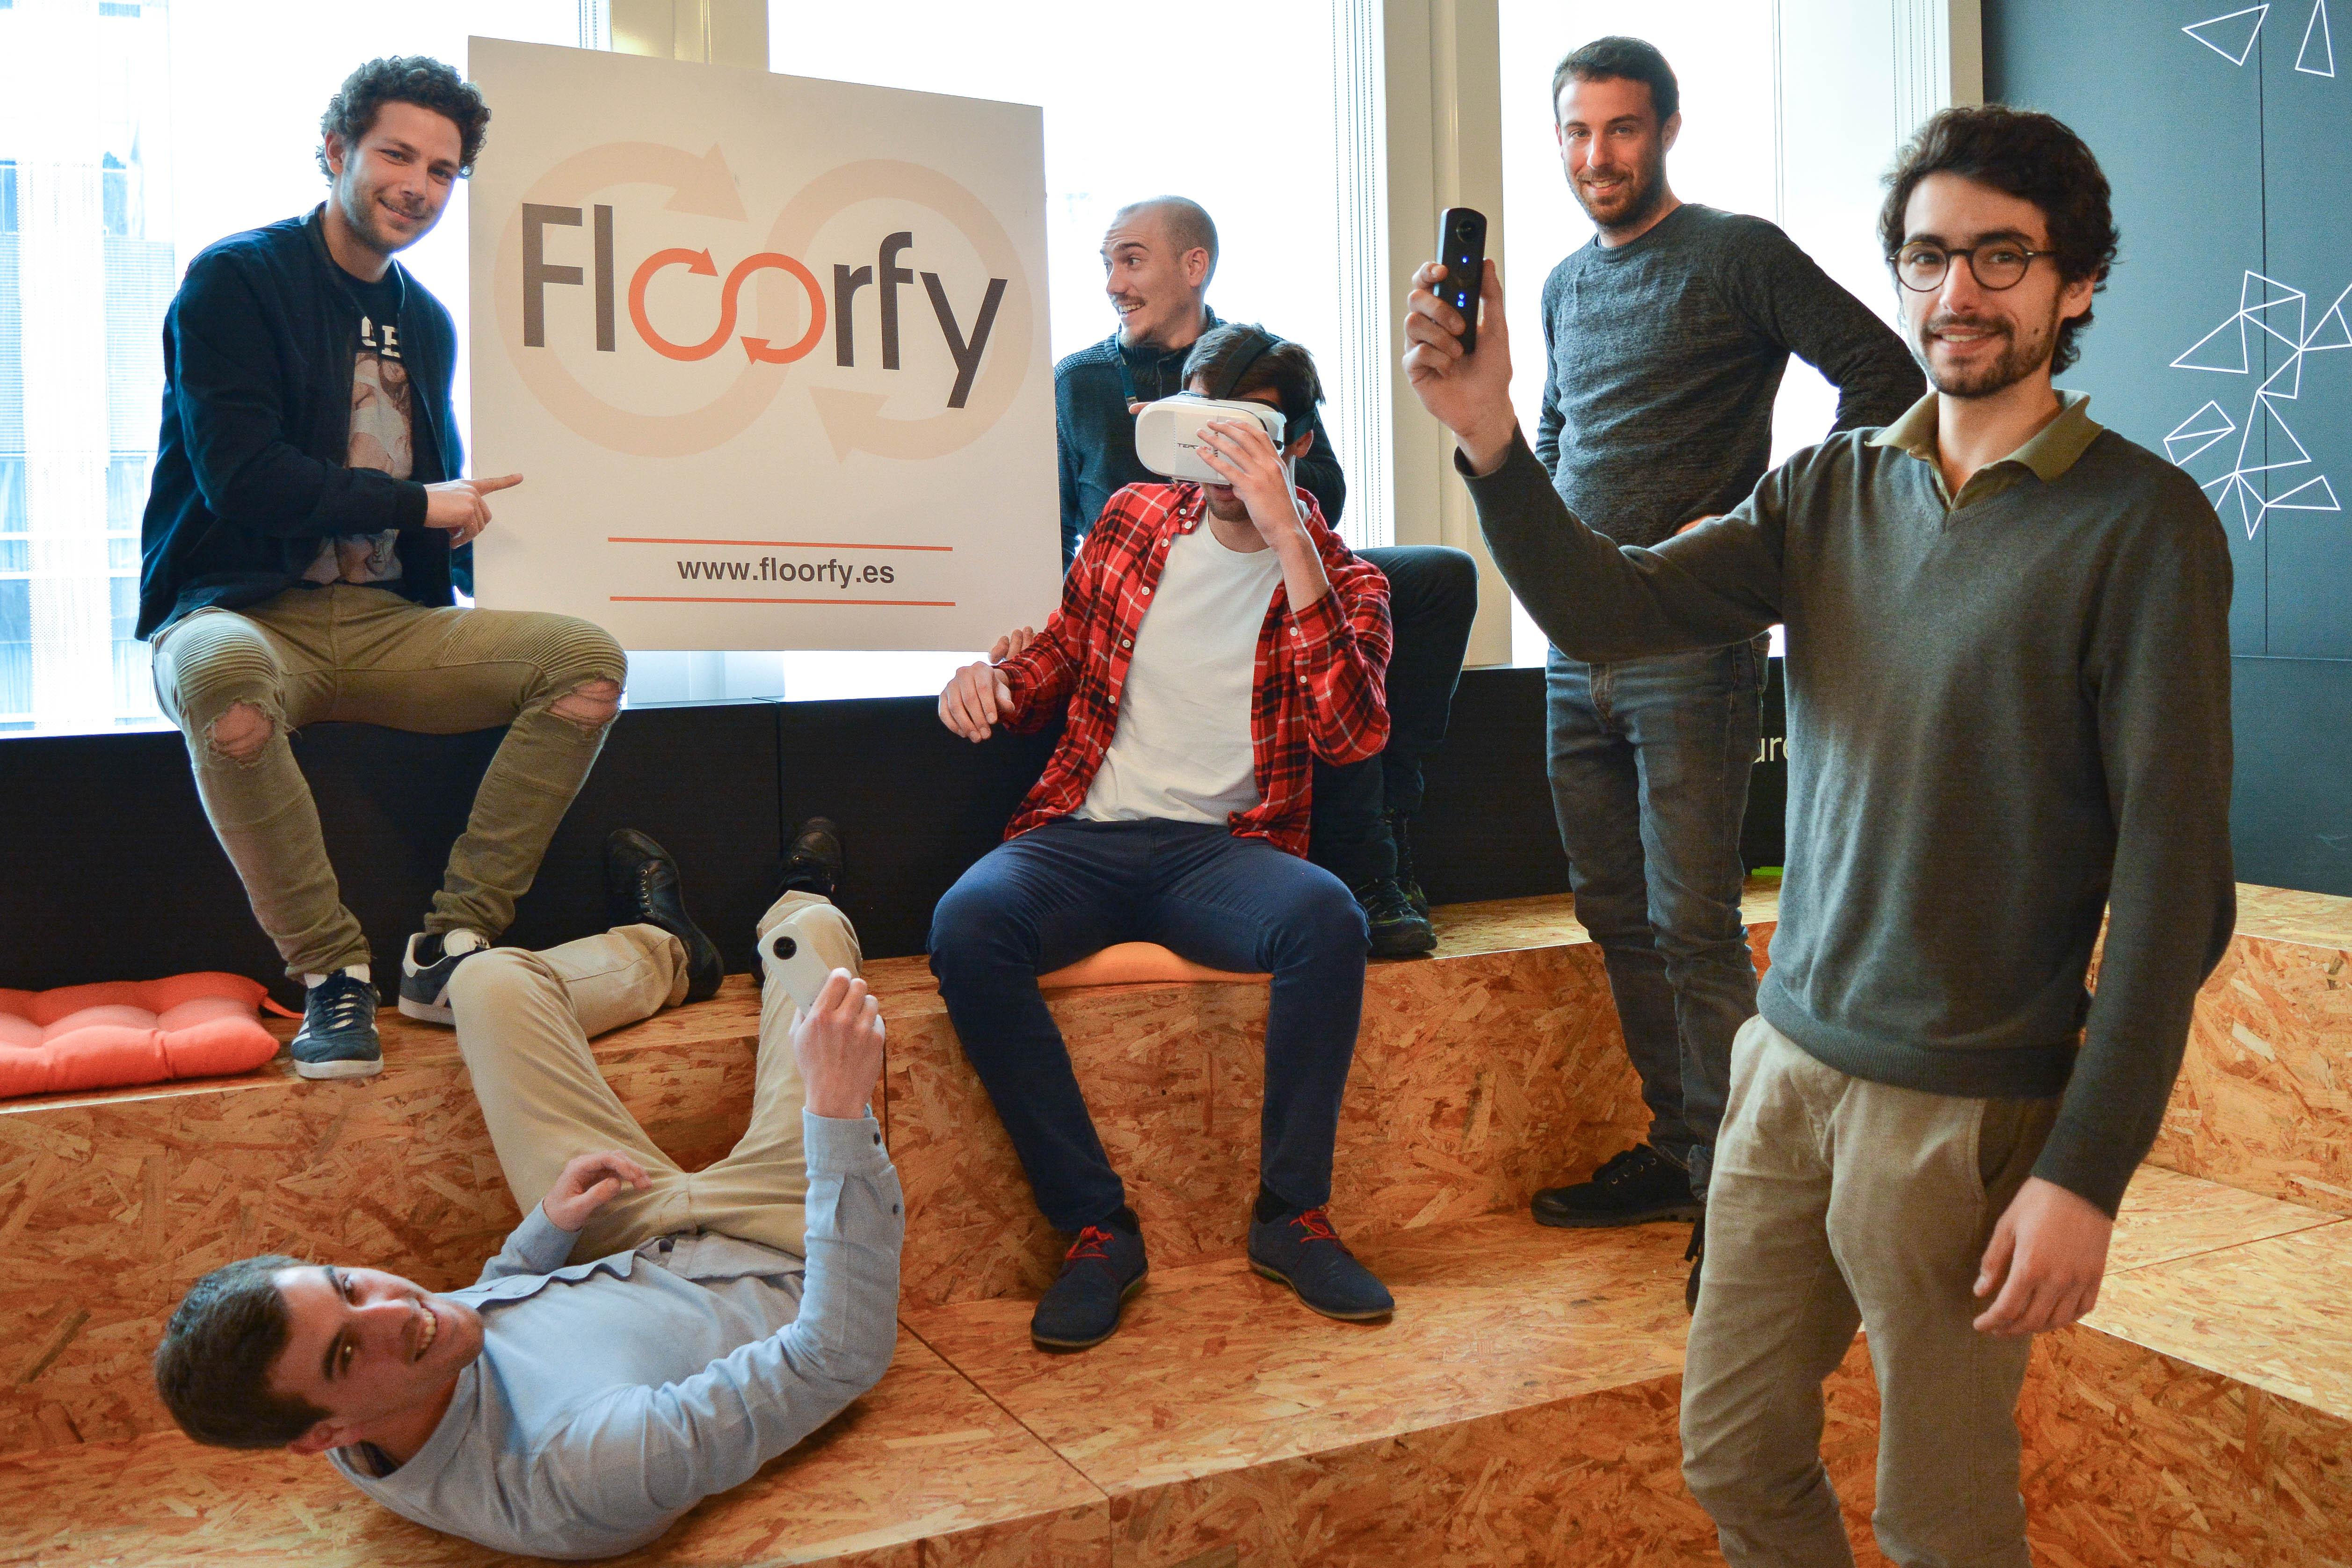 Floorfy ayuda a inmobiliarias a seguir activas durante el confinamiento con medio millón de visitas virtuales